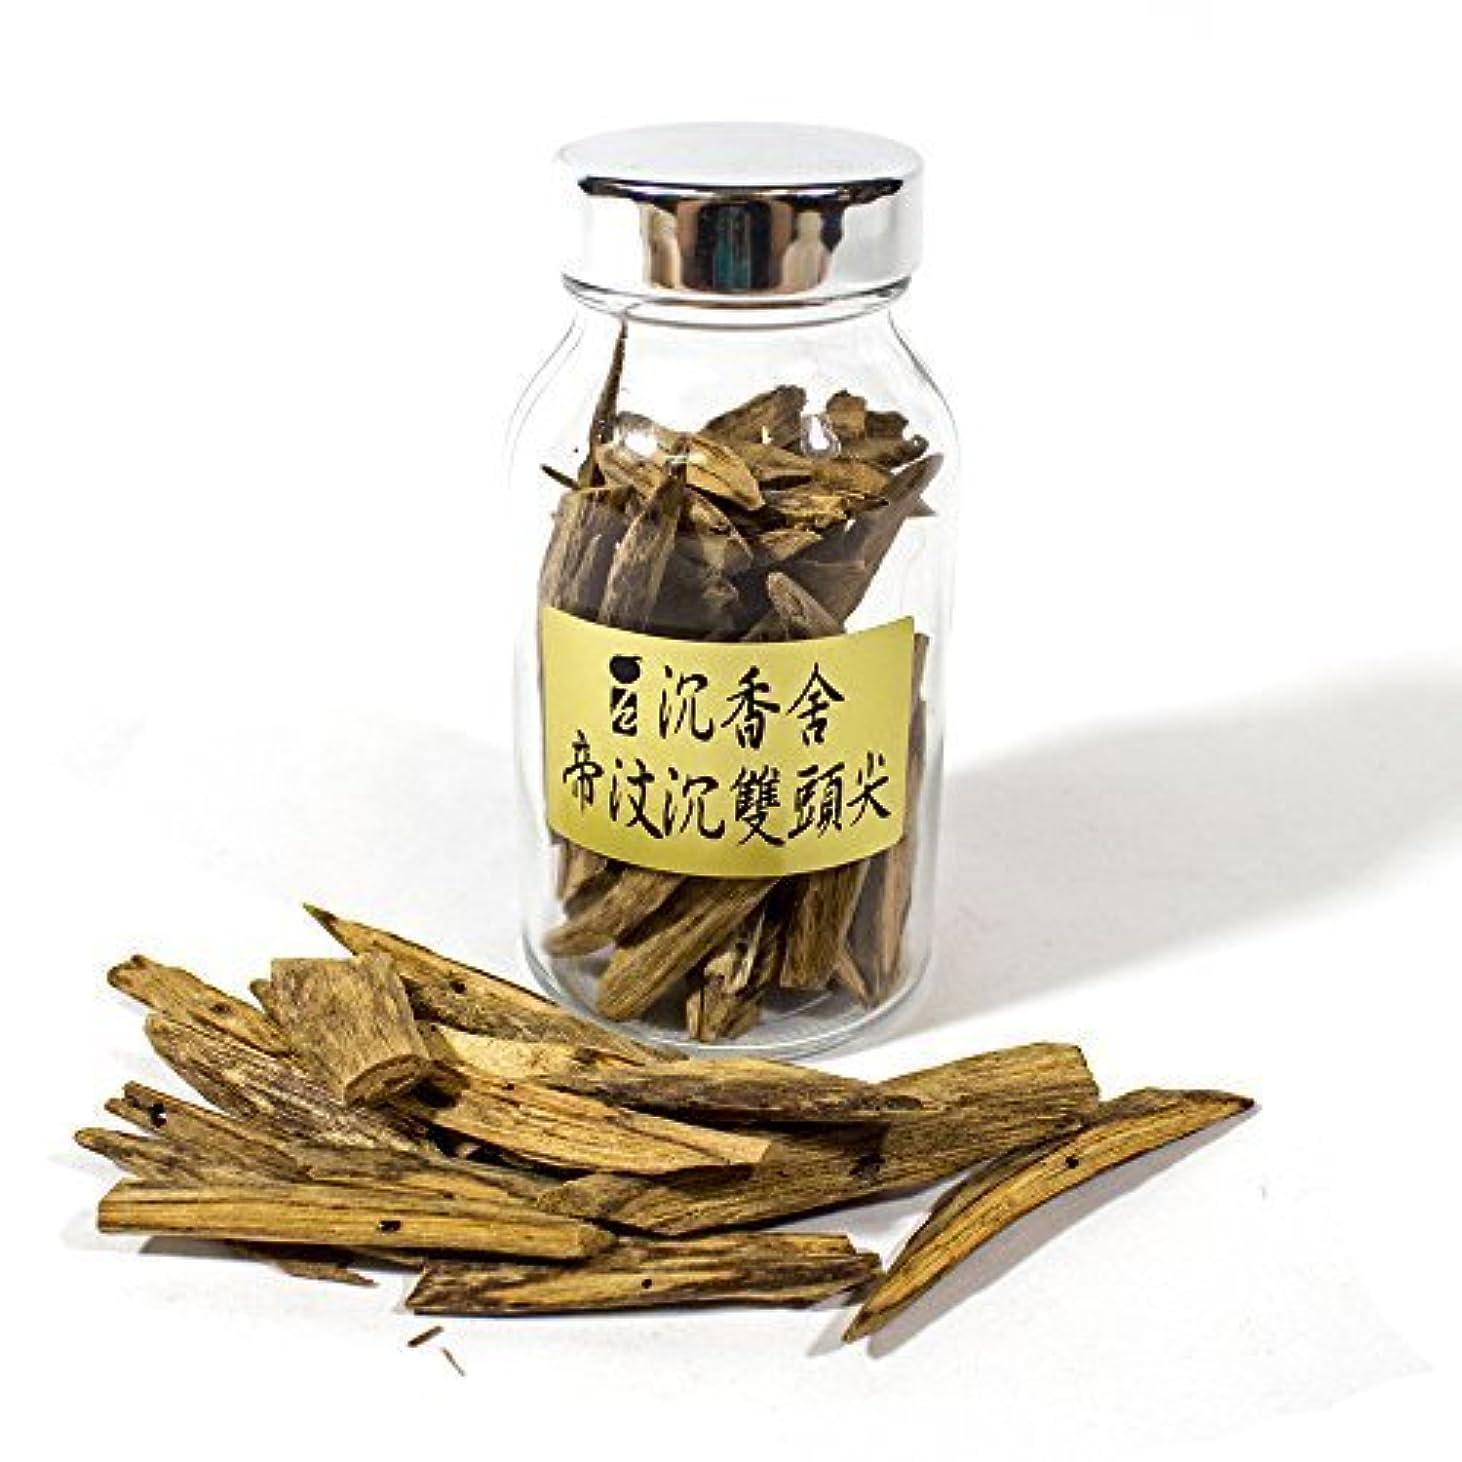 ガード初期仕事Agarwood Aloeswood Chip Scrap - TiMor Island 20g Collection Grade by IncenseHouse - Raw Material [並行輸入品]